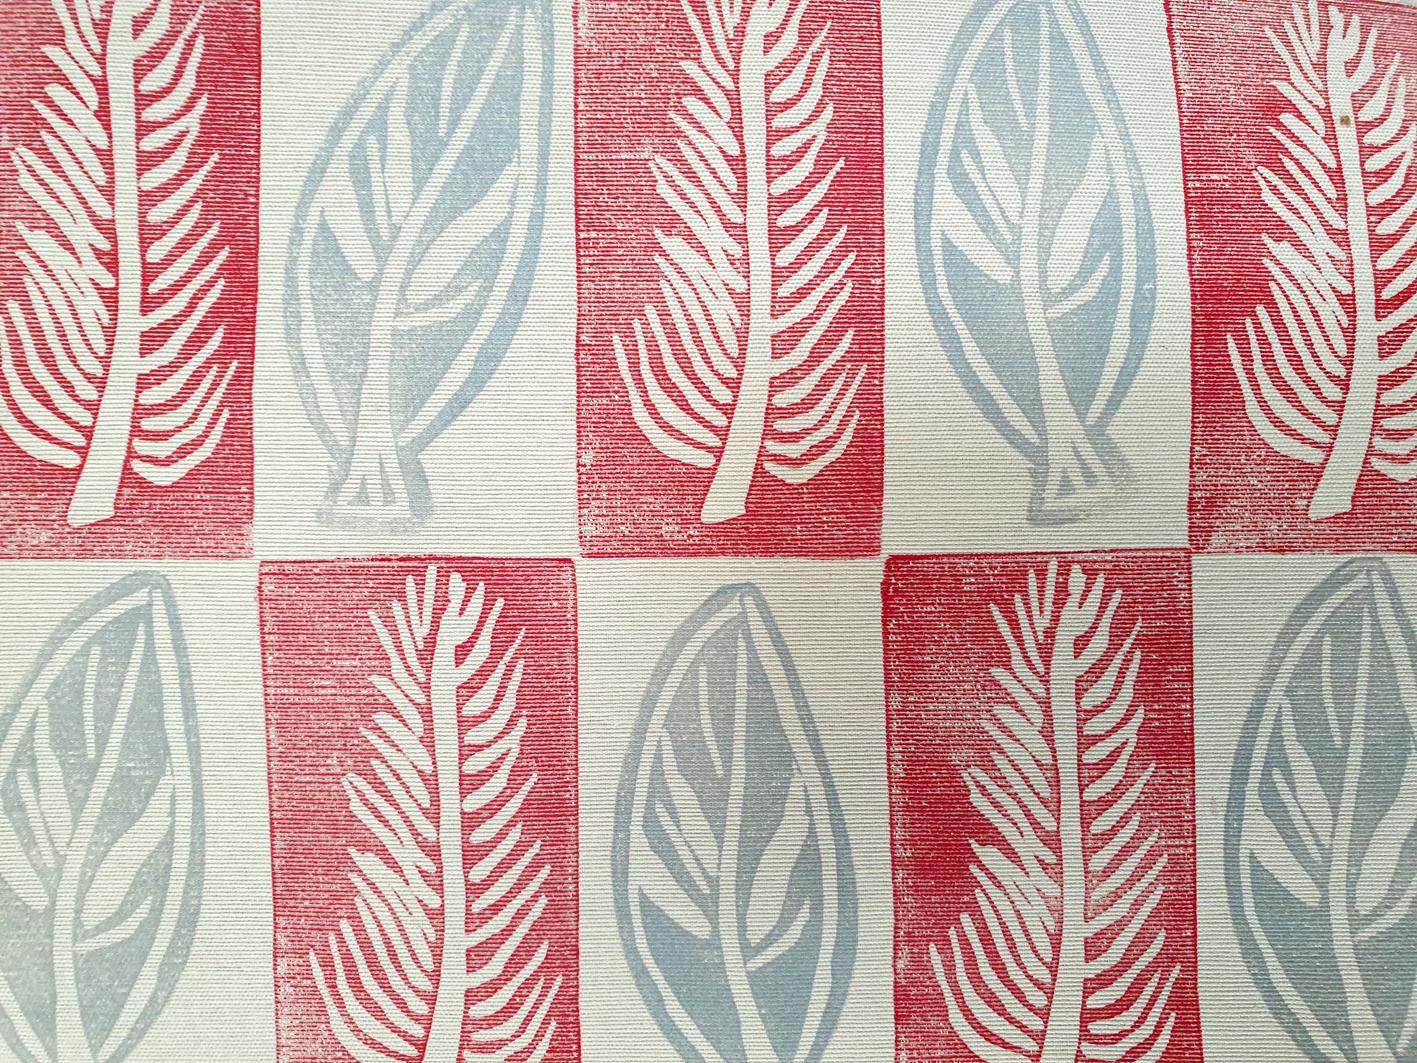 Leaf Red & Grey Fabric.jpg